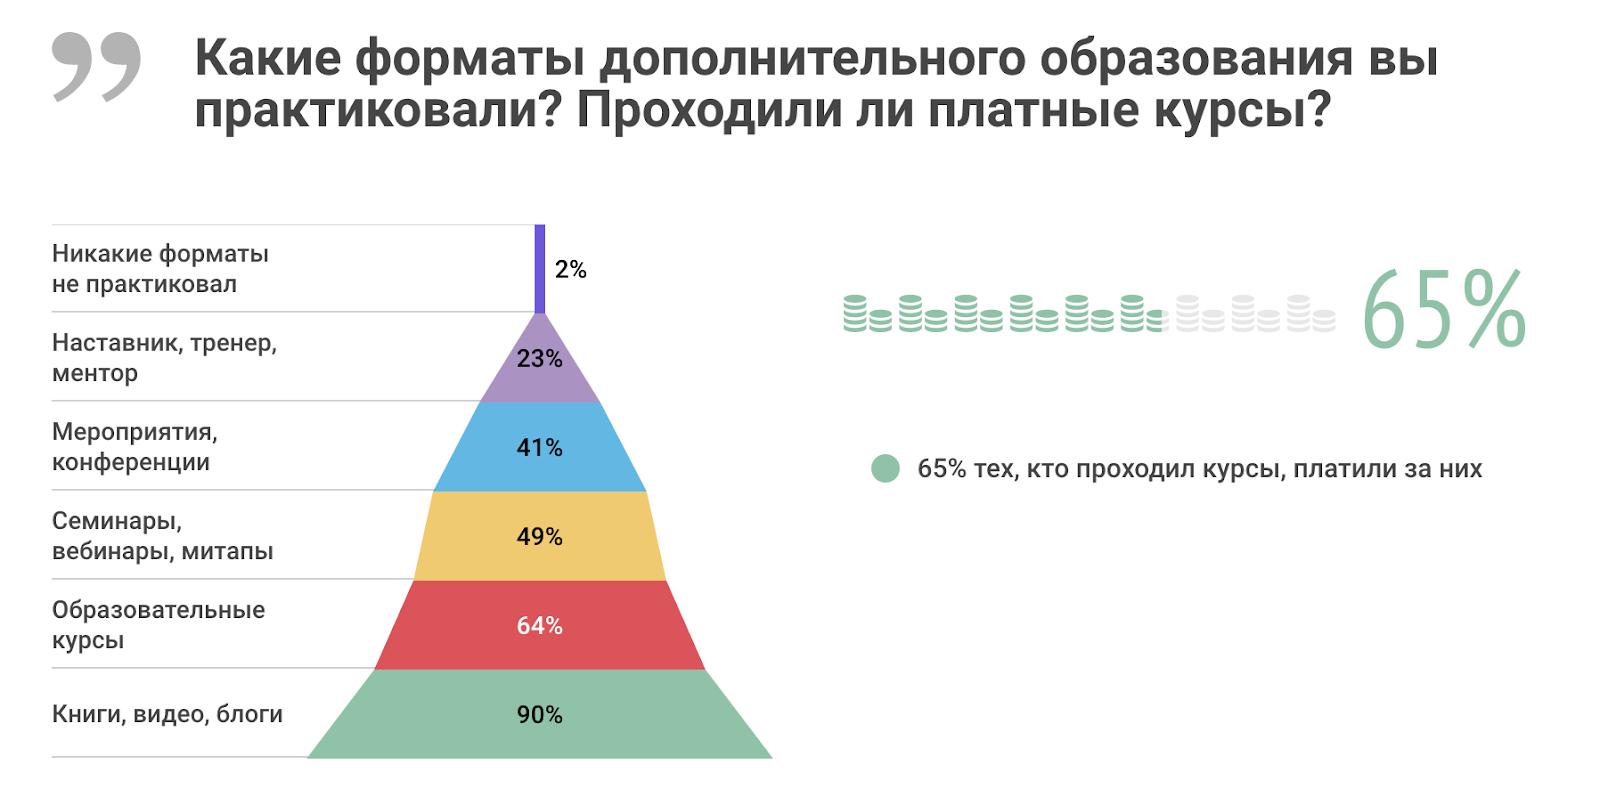 Высшее и дополнительное образование в ИТ: результаты исследования «Моего круга» - 5